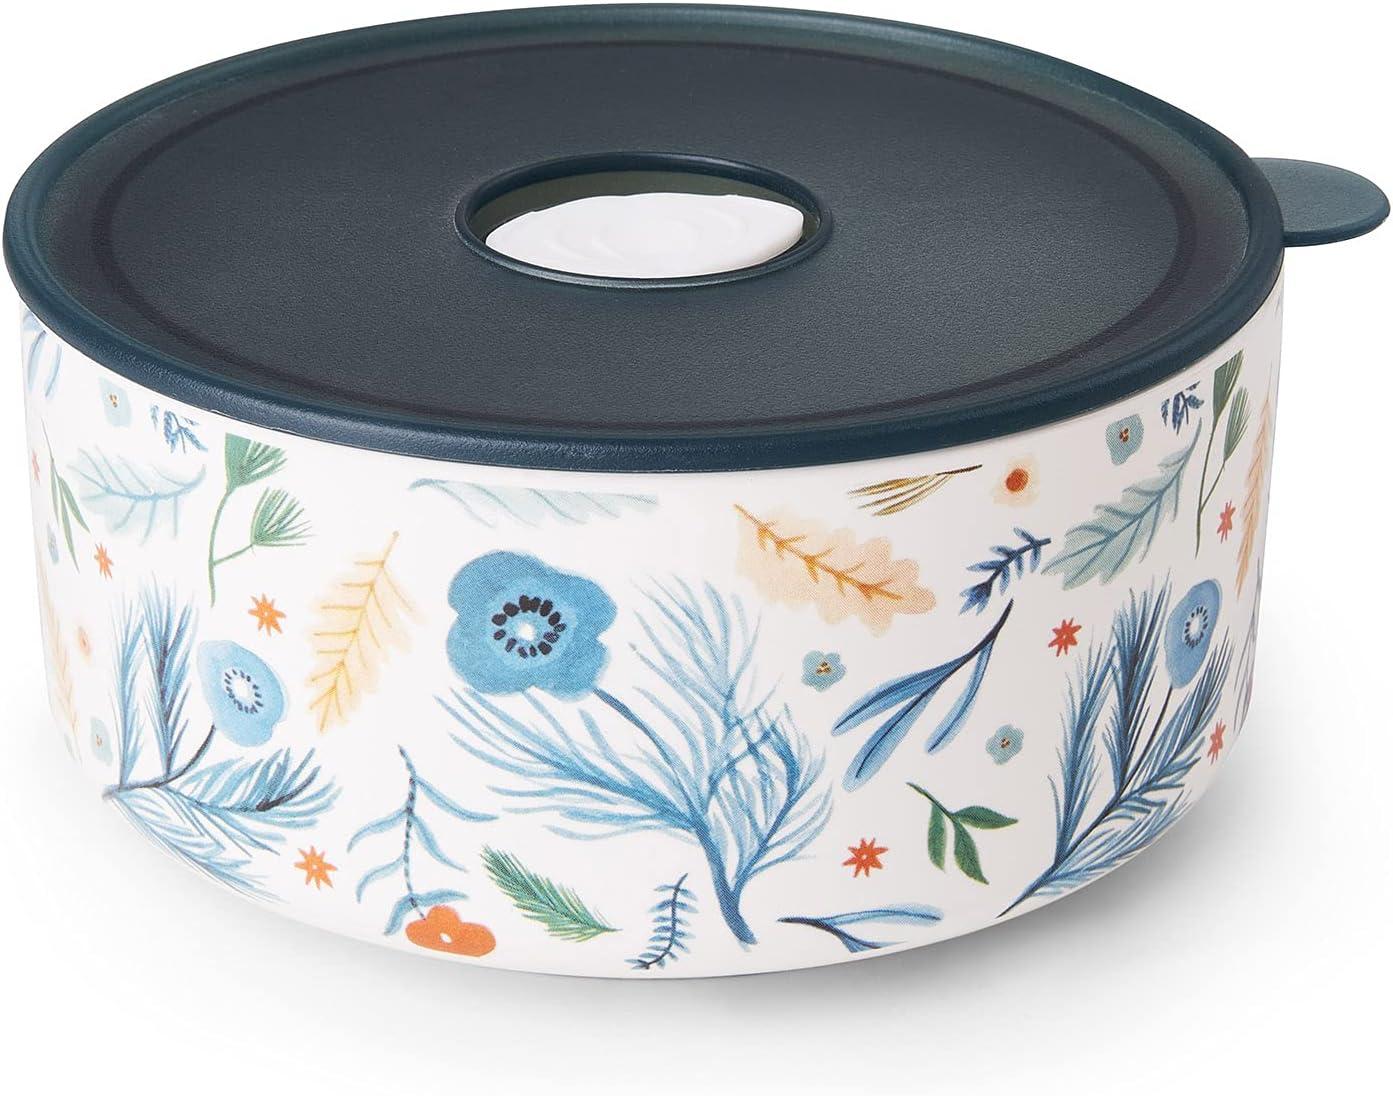 Ceramic Food Storage Bowls   25 oz Ceramic Container   Porcelain Prep Bowl for Kitchen, Microwave & Dishwasher Safe(Blue)